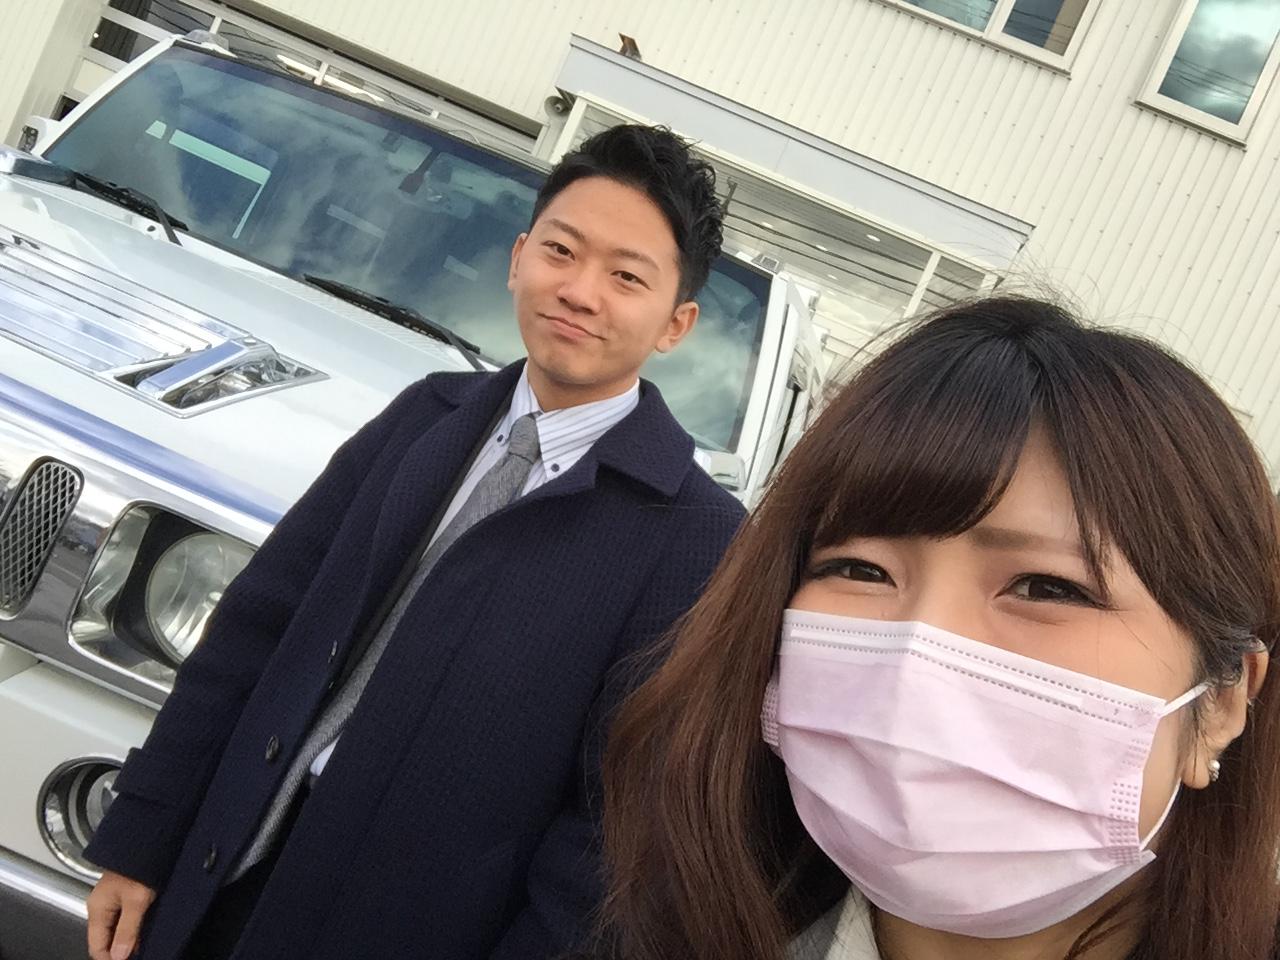 11月26日 土曜日のKENブログ( 'ω' ) ドローン空撮DAY!_b0127002_18122599.jpg